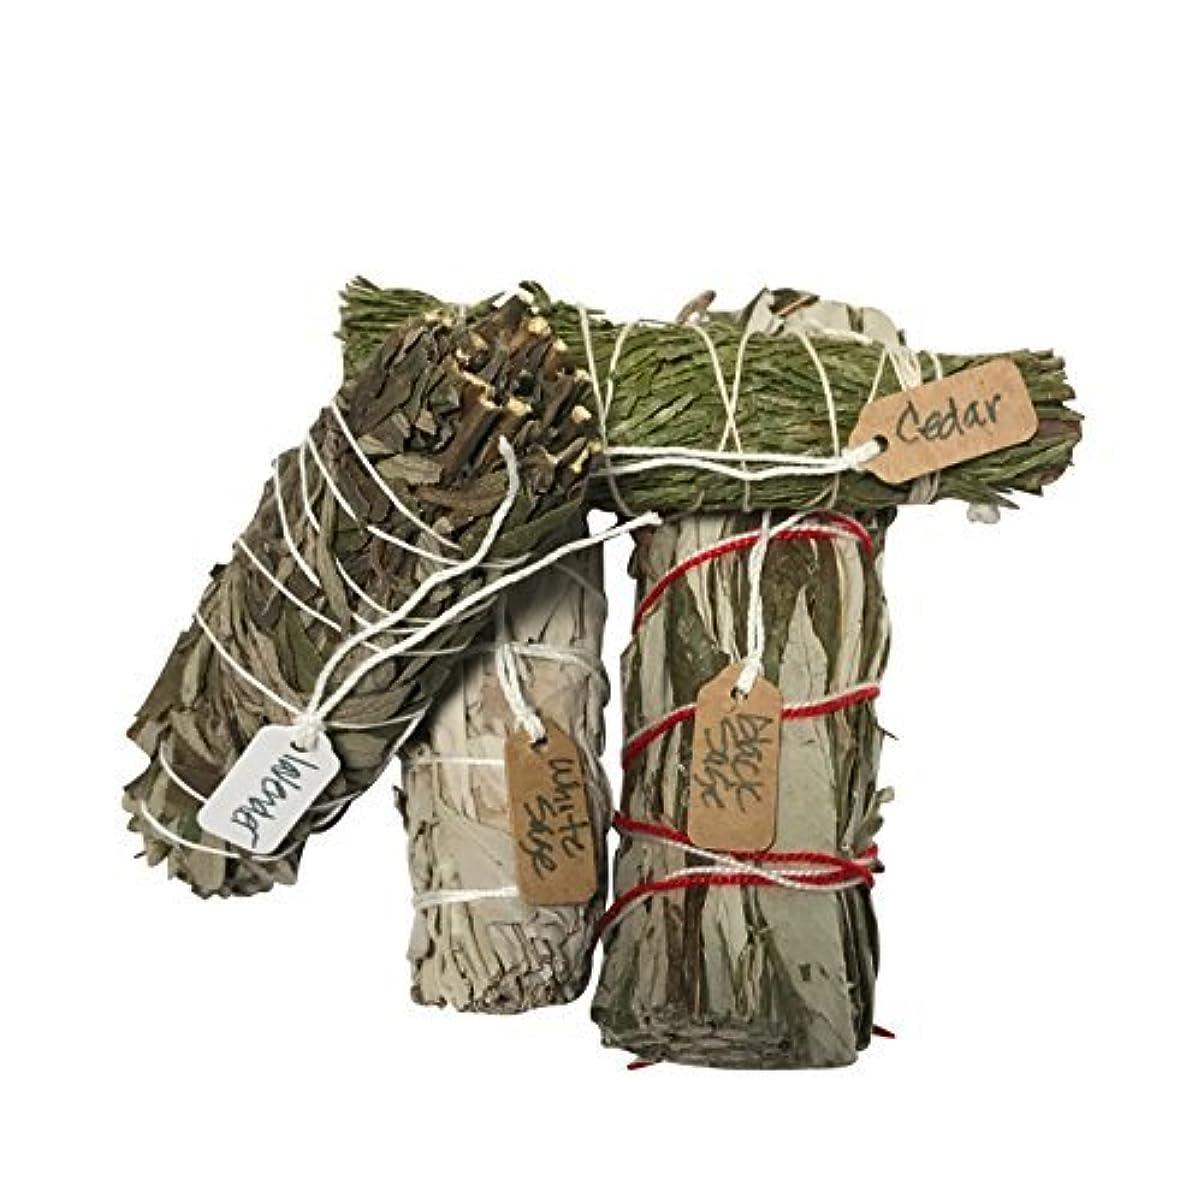 バン非アクティブ気付くさまざまなSmudge Sticksサンプル最高級のための機会ホワイトセージ、ラベンダー、杉、ブラックセージ1つの各4 Inches Long。